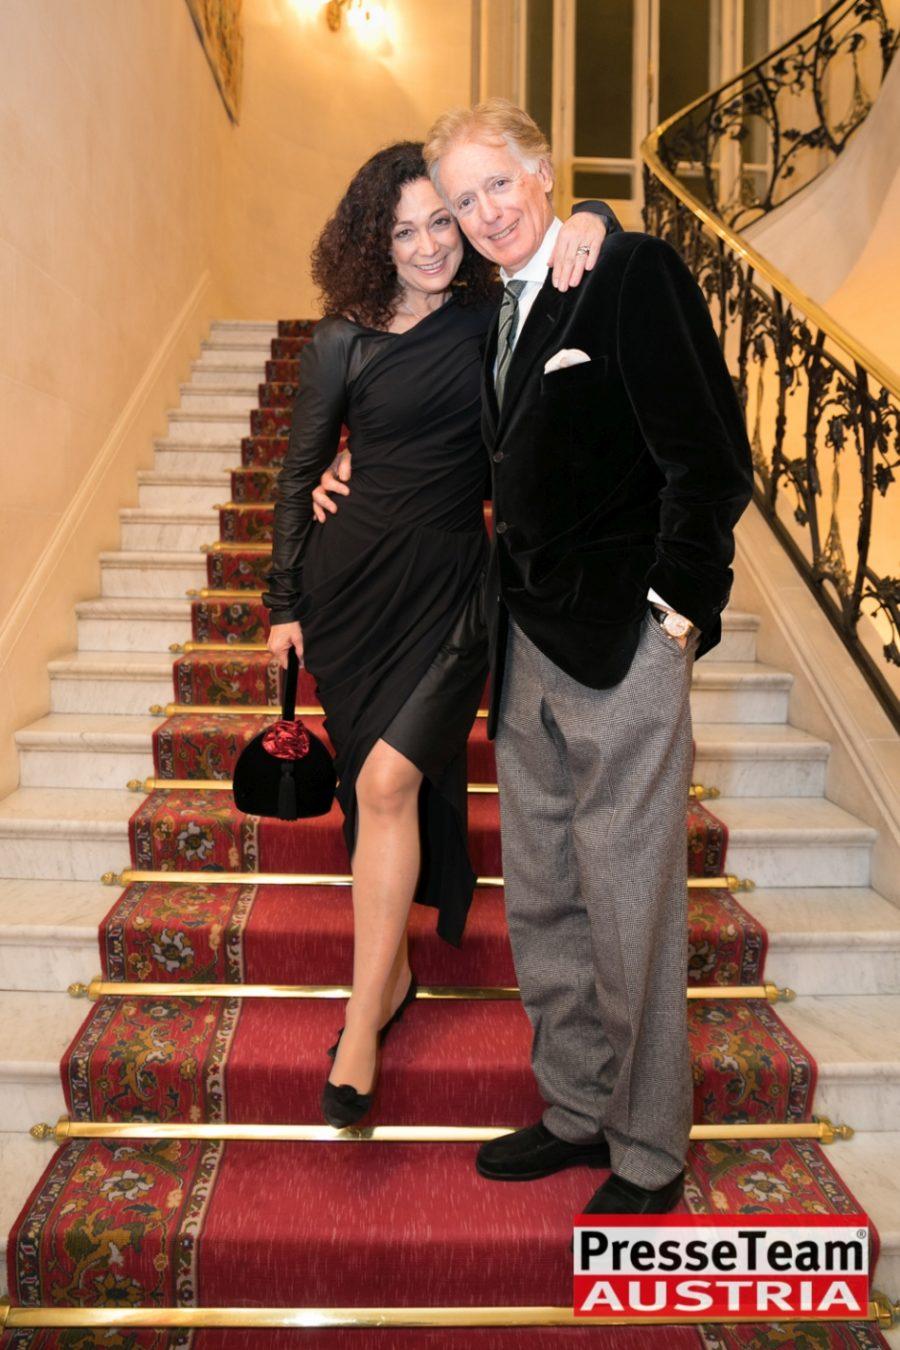 eannine Schiller französische Botschaft Wien 77 - Jeannine Schiller Veranstaltung in der französischen Botschaft